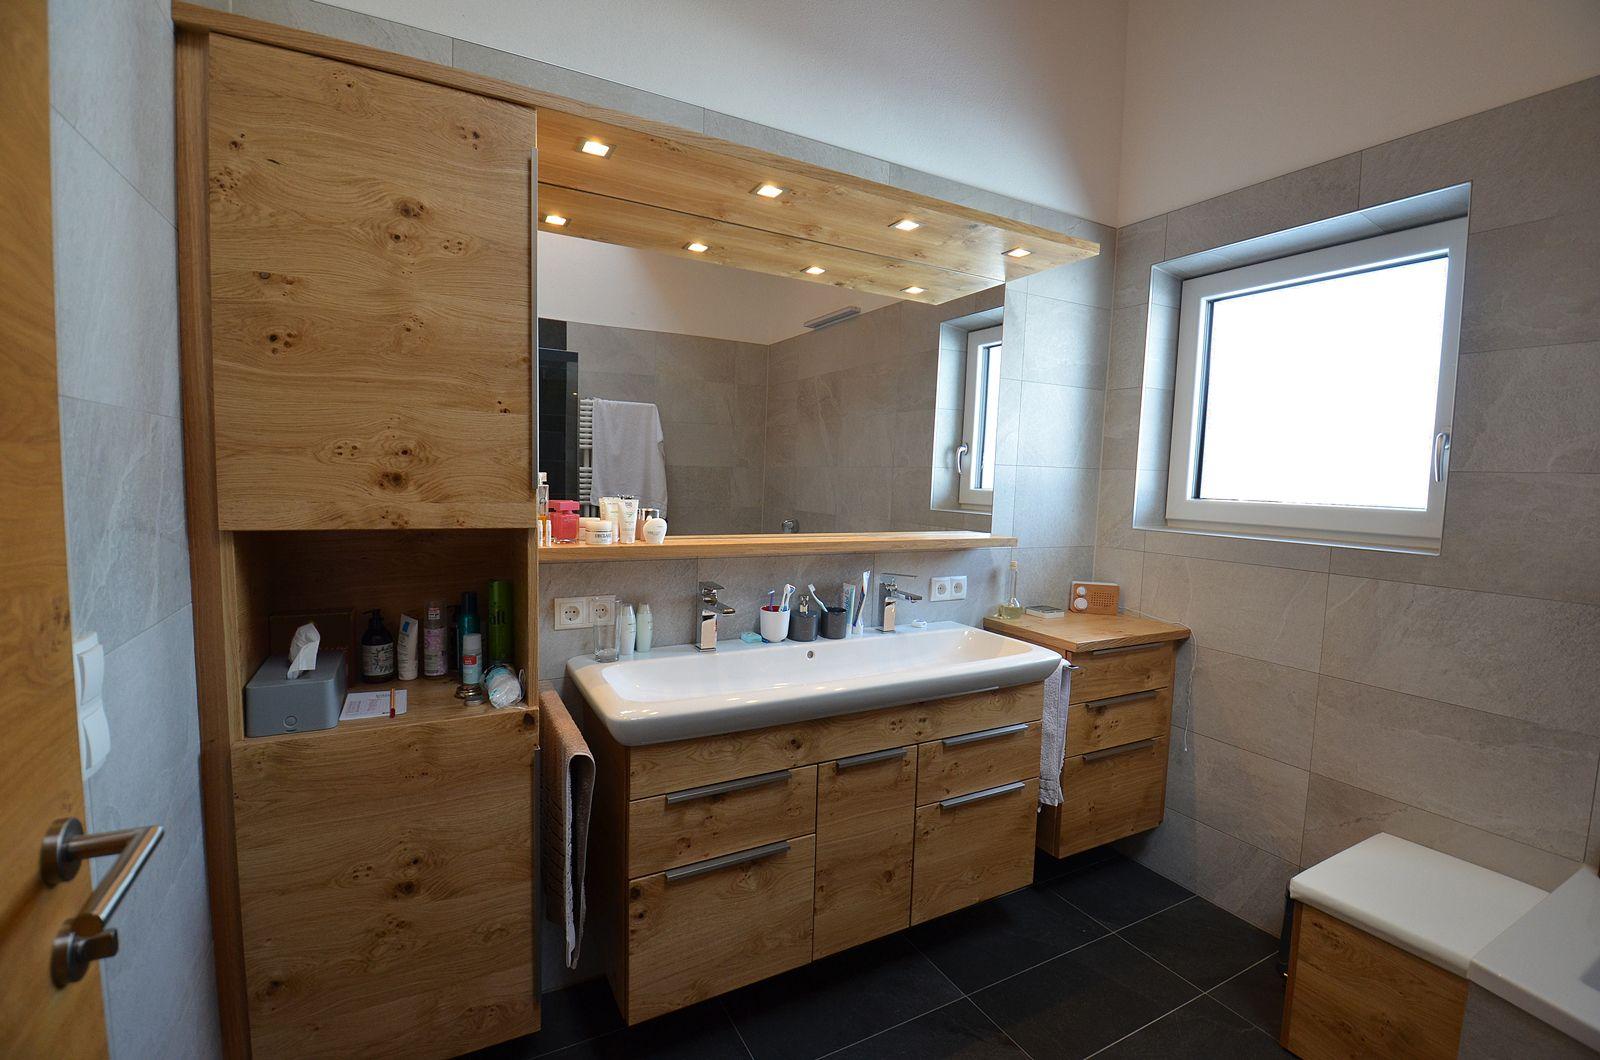 Badezimmer Ideen Fur Ihr Zu Hause Bad Mobel In Eiche Echtholz Badezimmer Badezimmer Aufbewahrung Echtholz Mobel